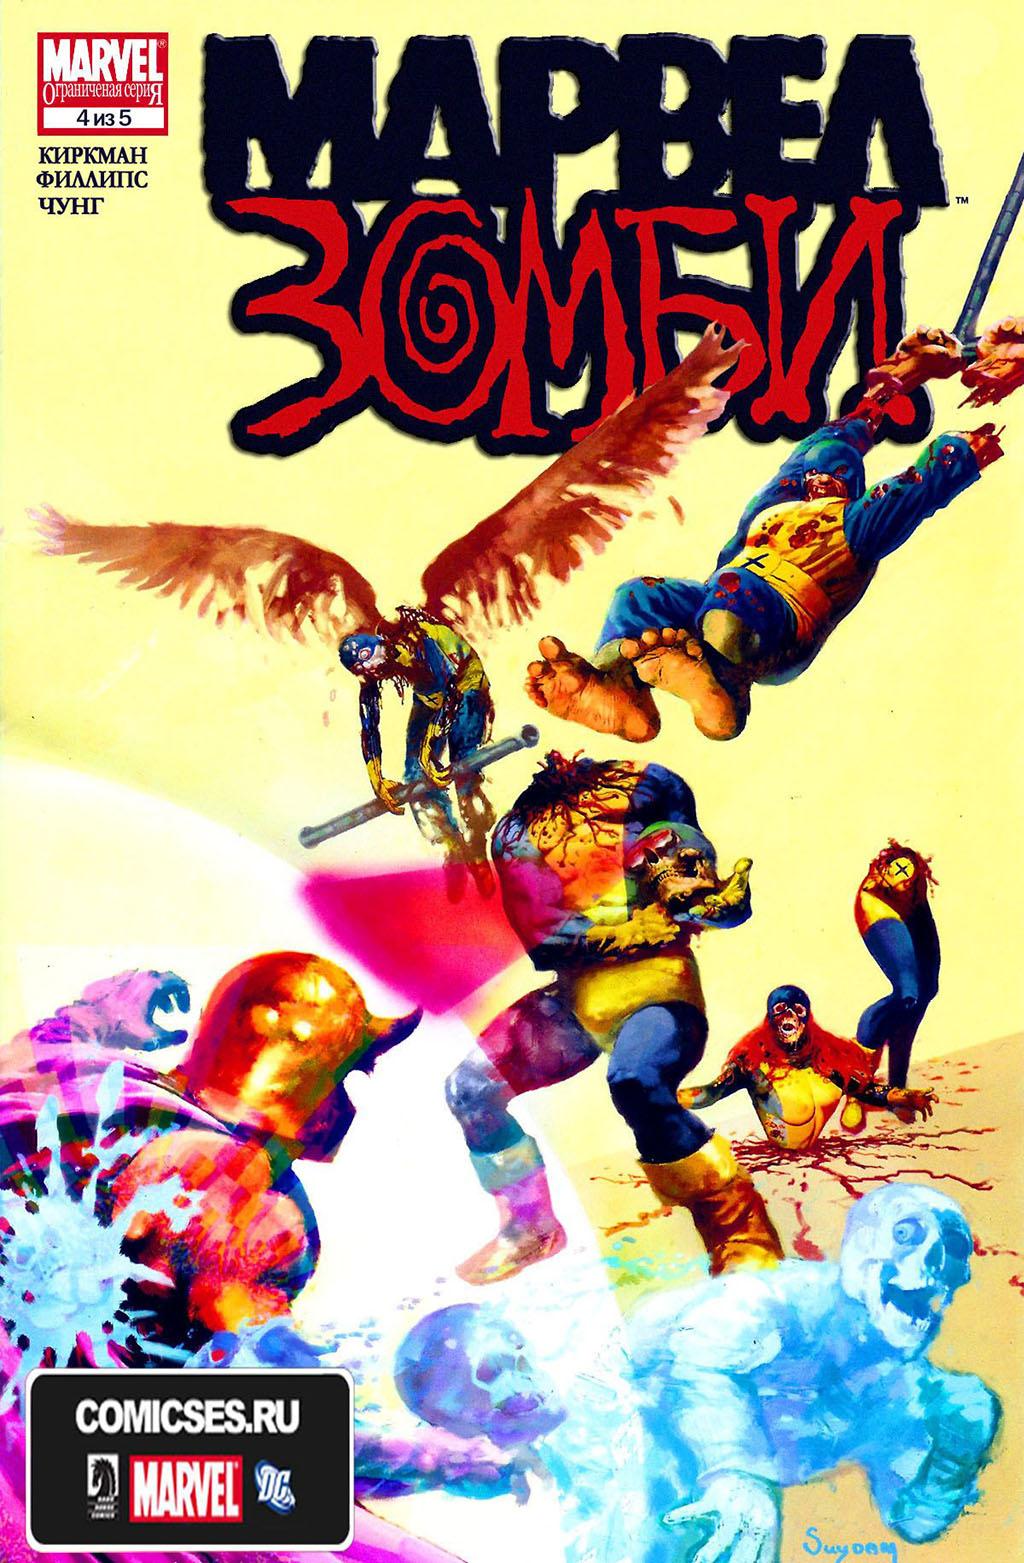 Комикс Зомби Марвел том 1